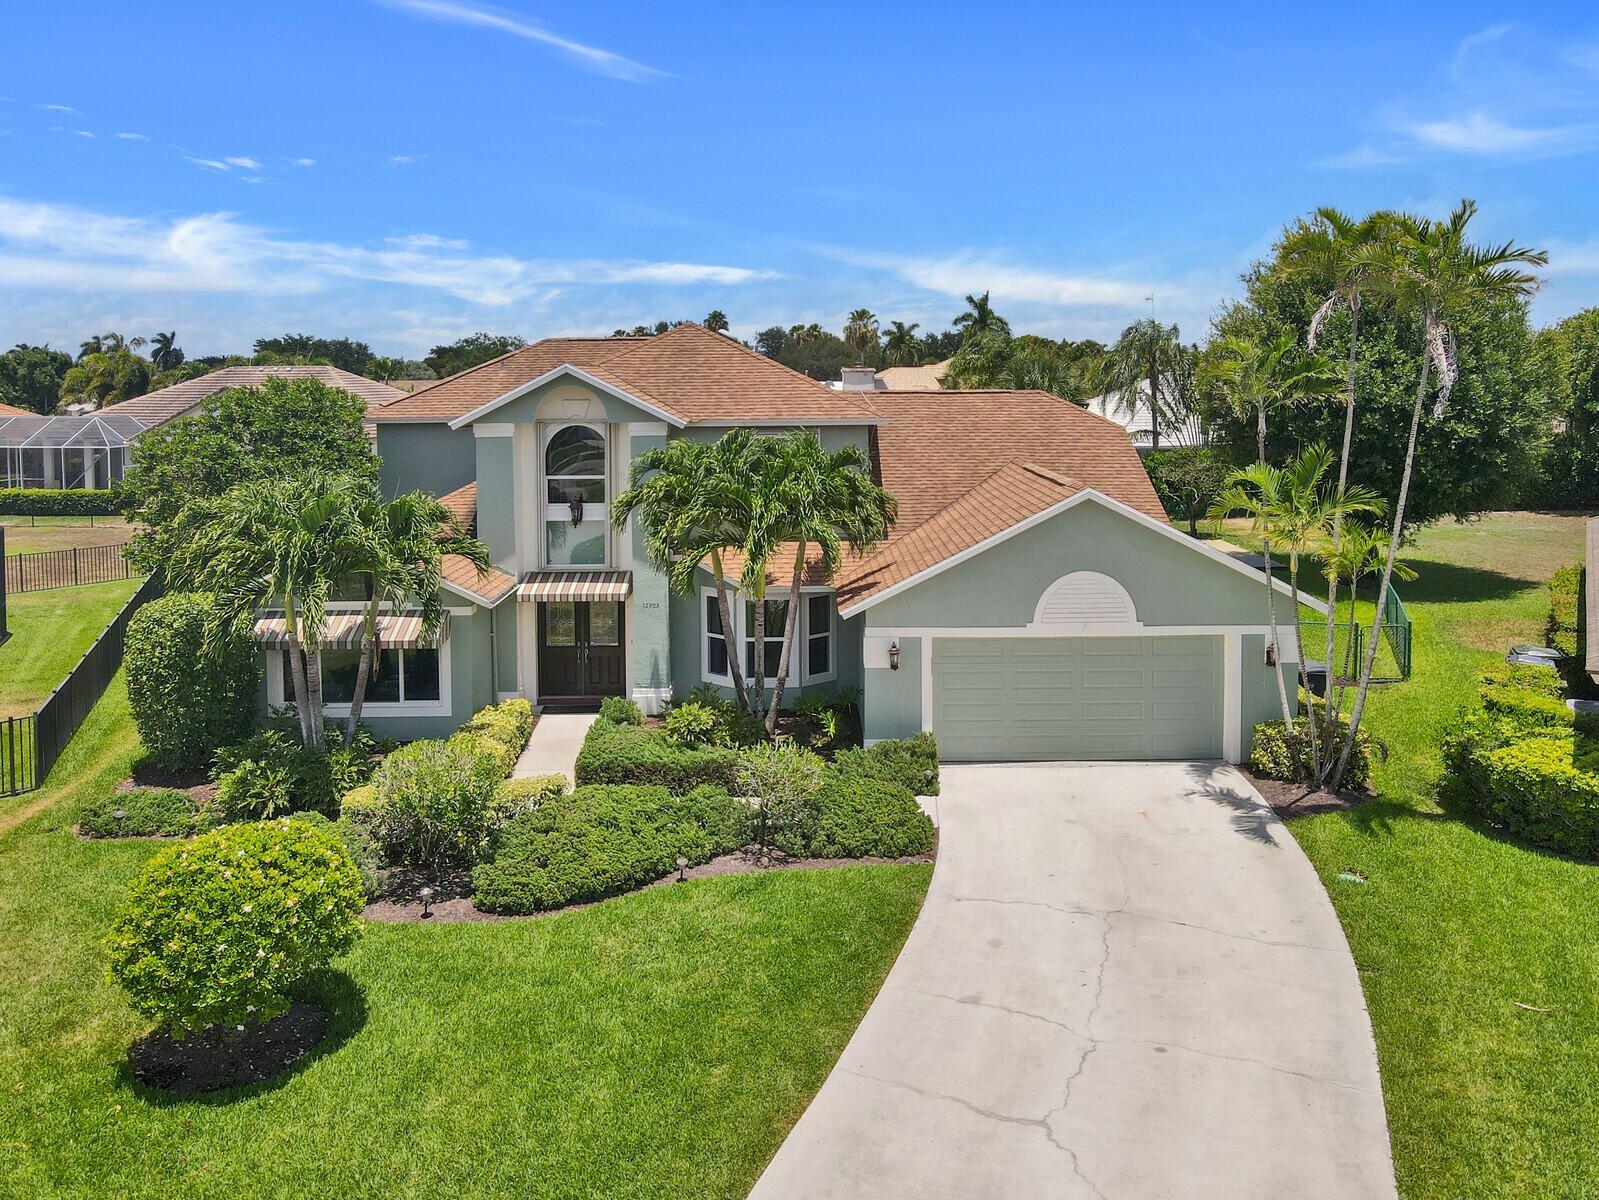 12905 Milford Court, Wellington, FL 33414 - MLS#: RX-10723131